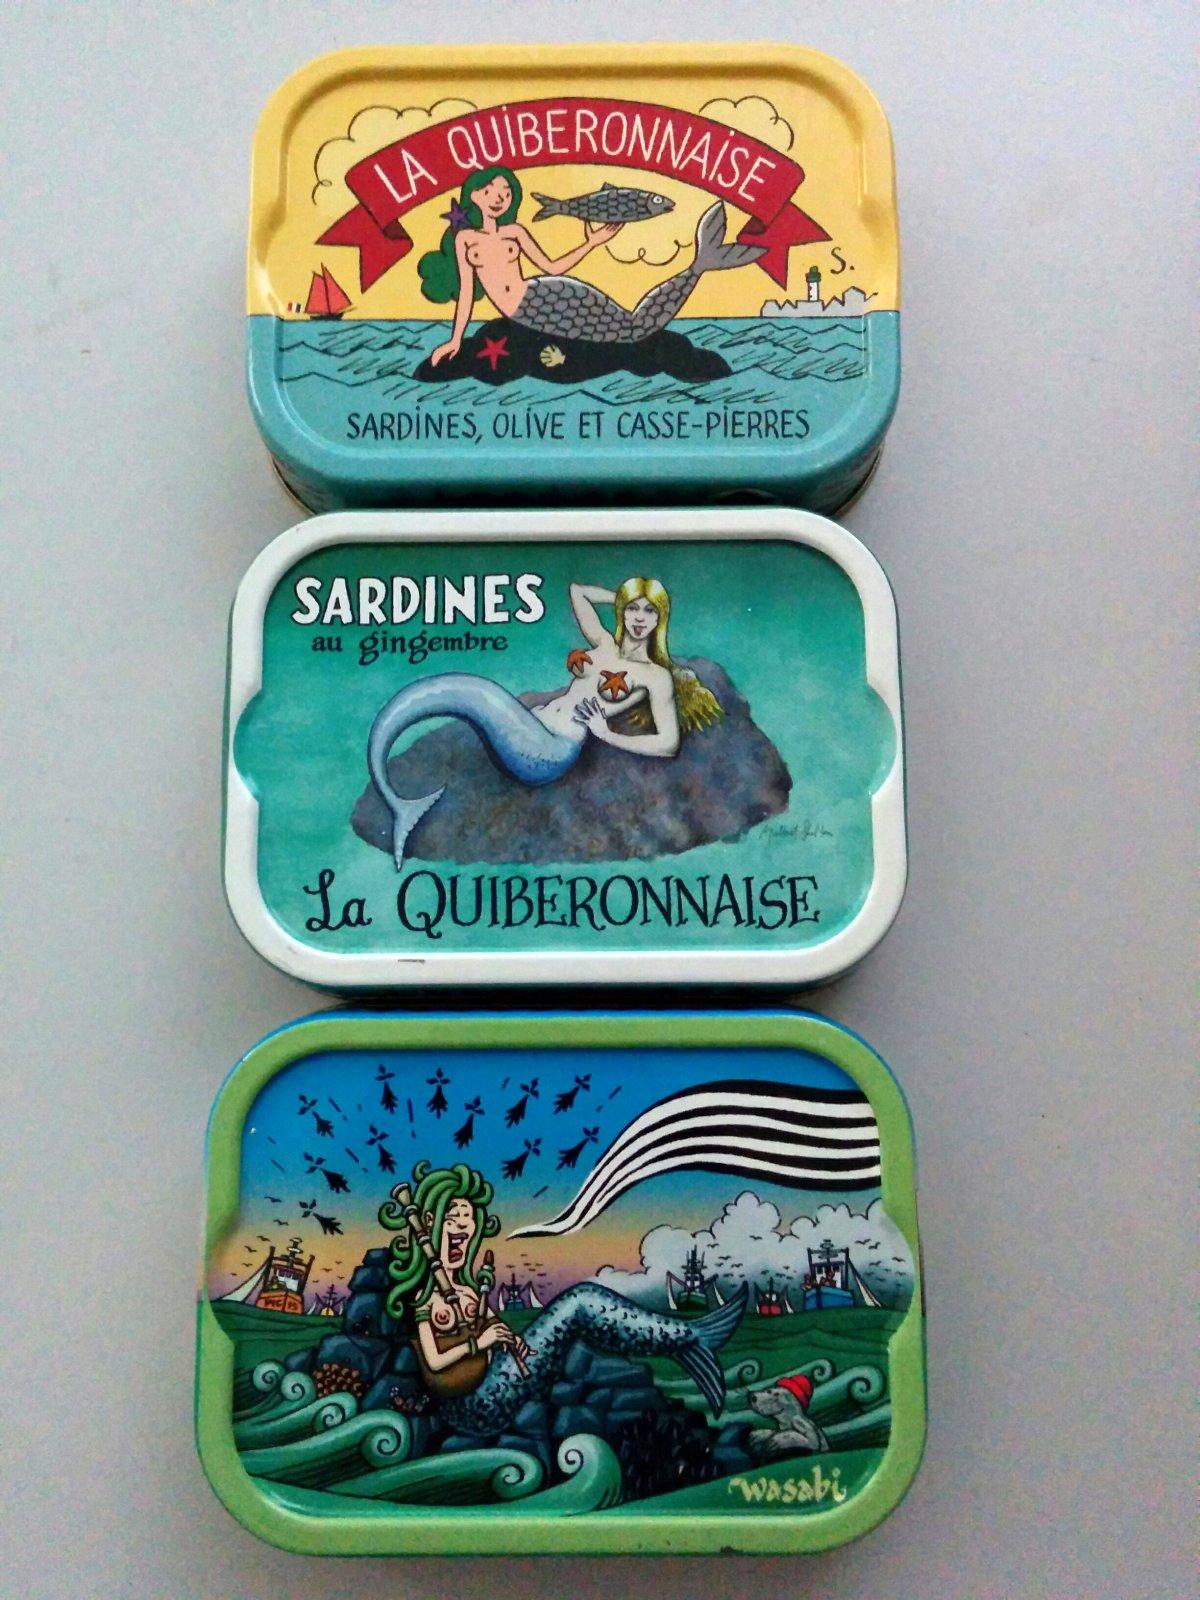 sardinen_04